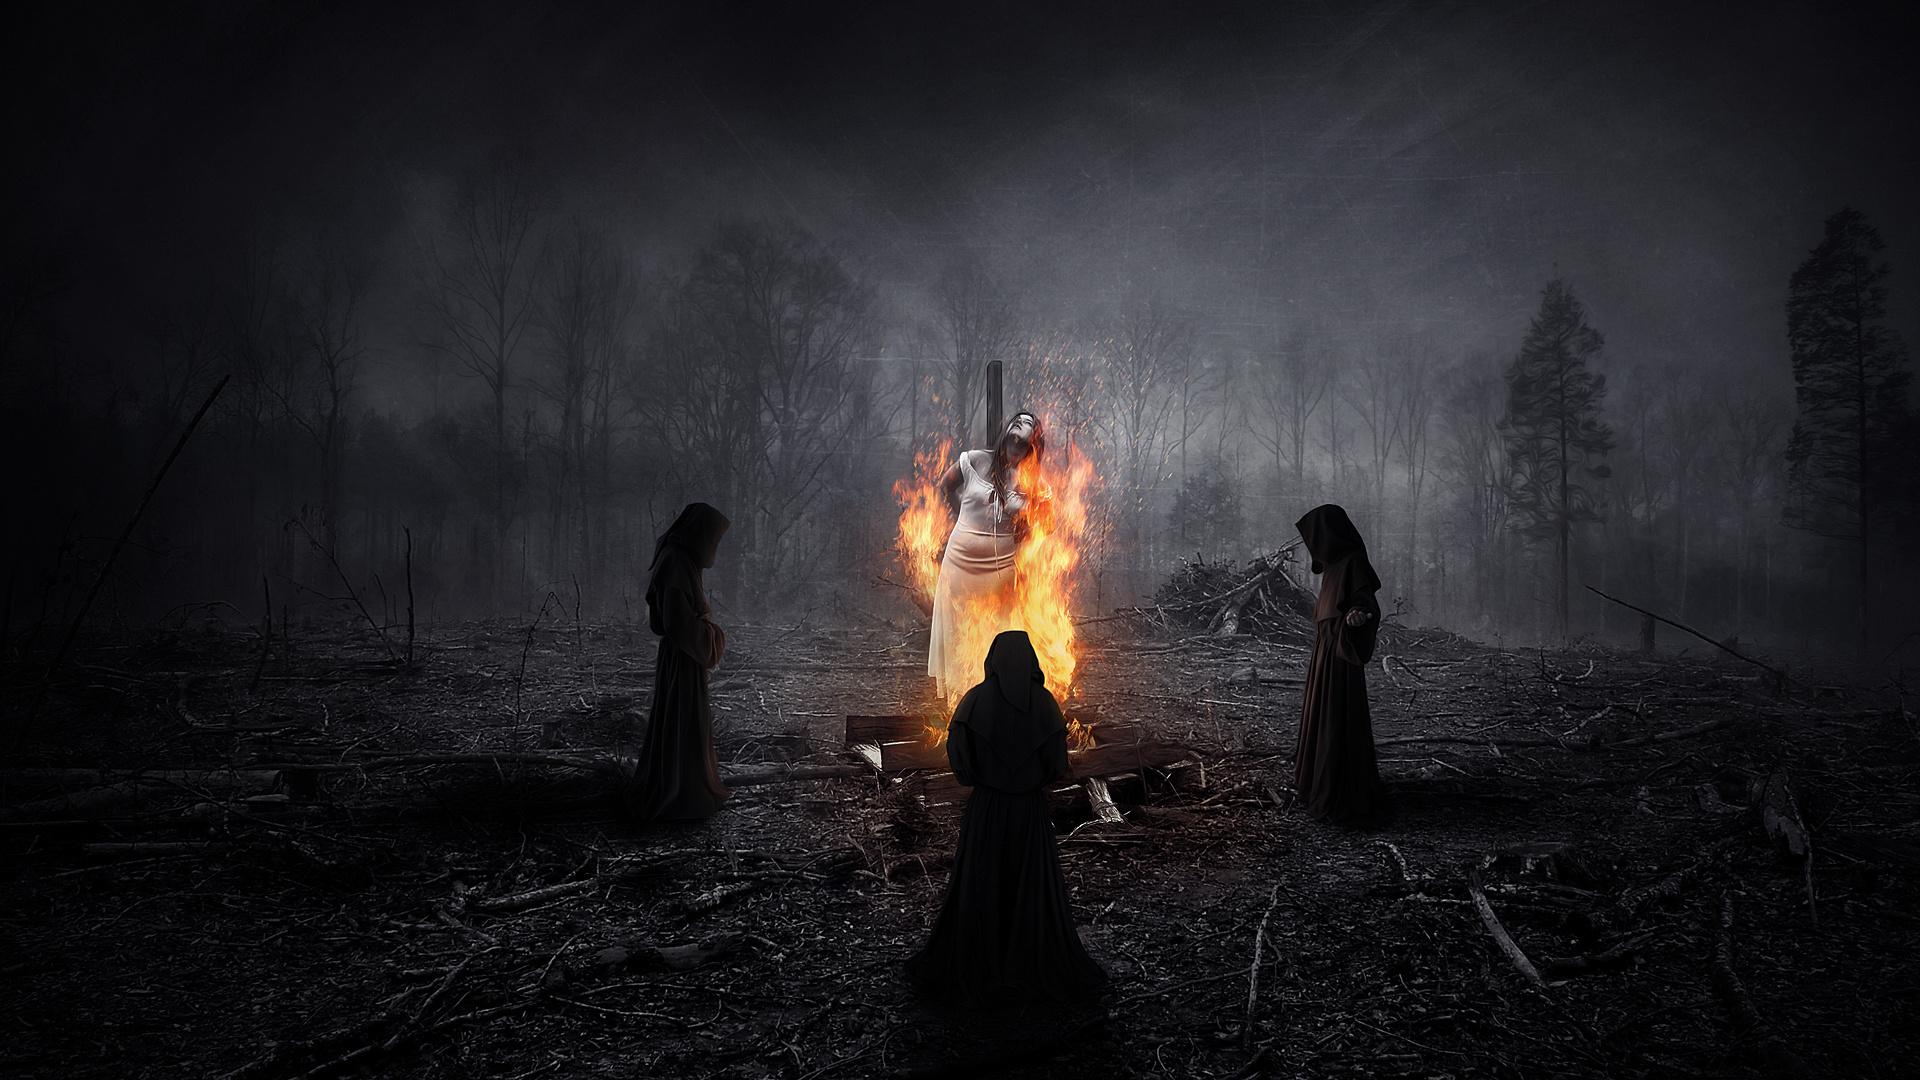 Ritual magick